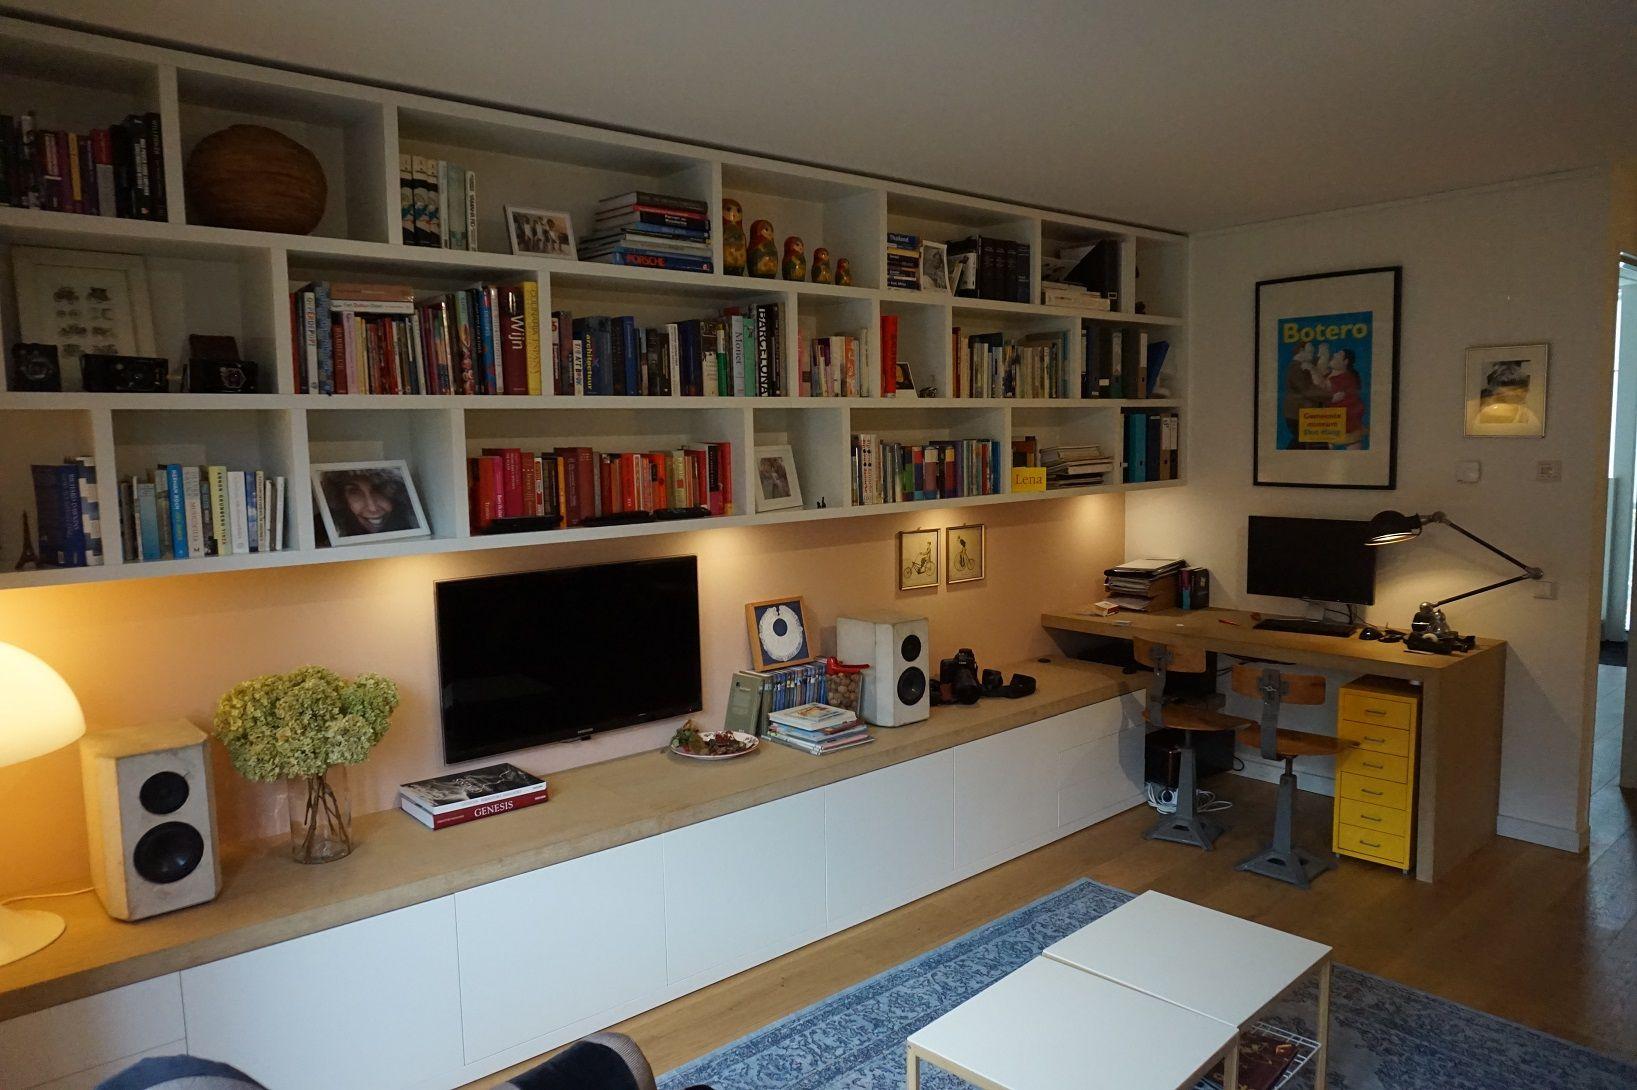 Kast Op Maat 2 Utrecht Inrichting In 2019 Boekenkasten